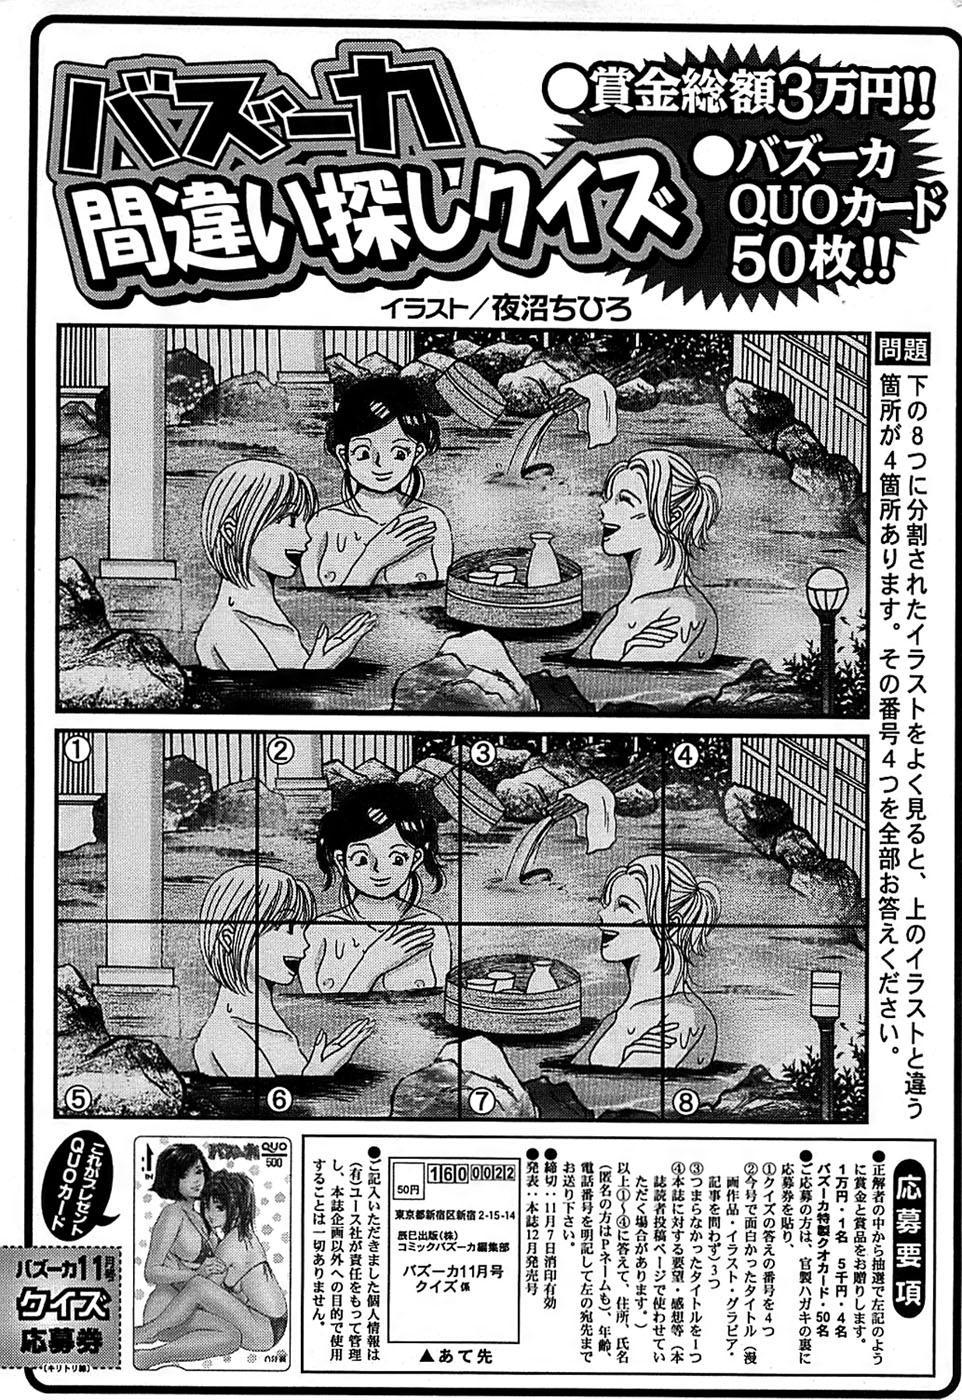 Comic Bazooka 2007-11 238